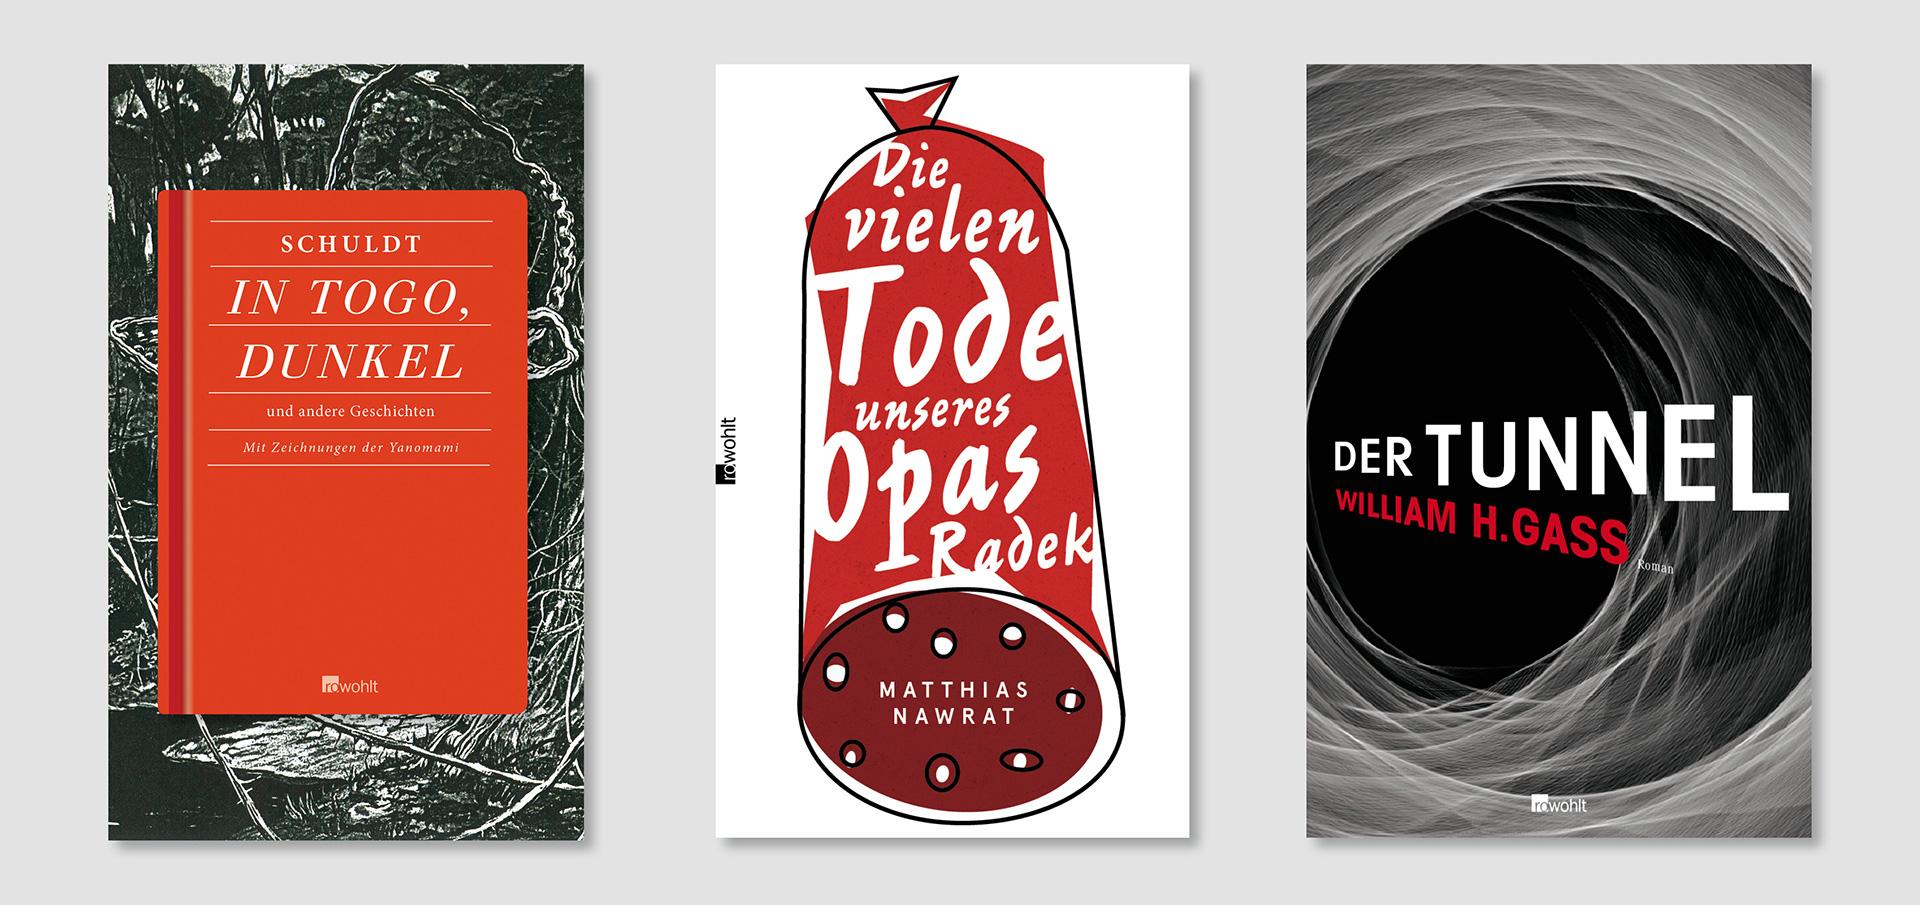 Martin-Steiner-Gestaltung-cover4